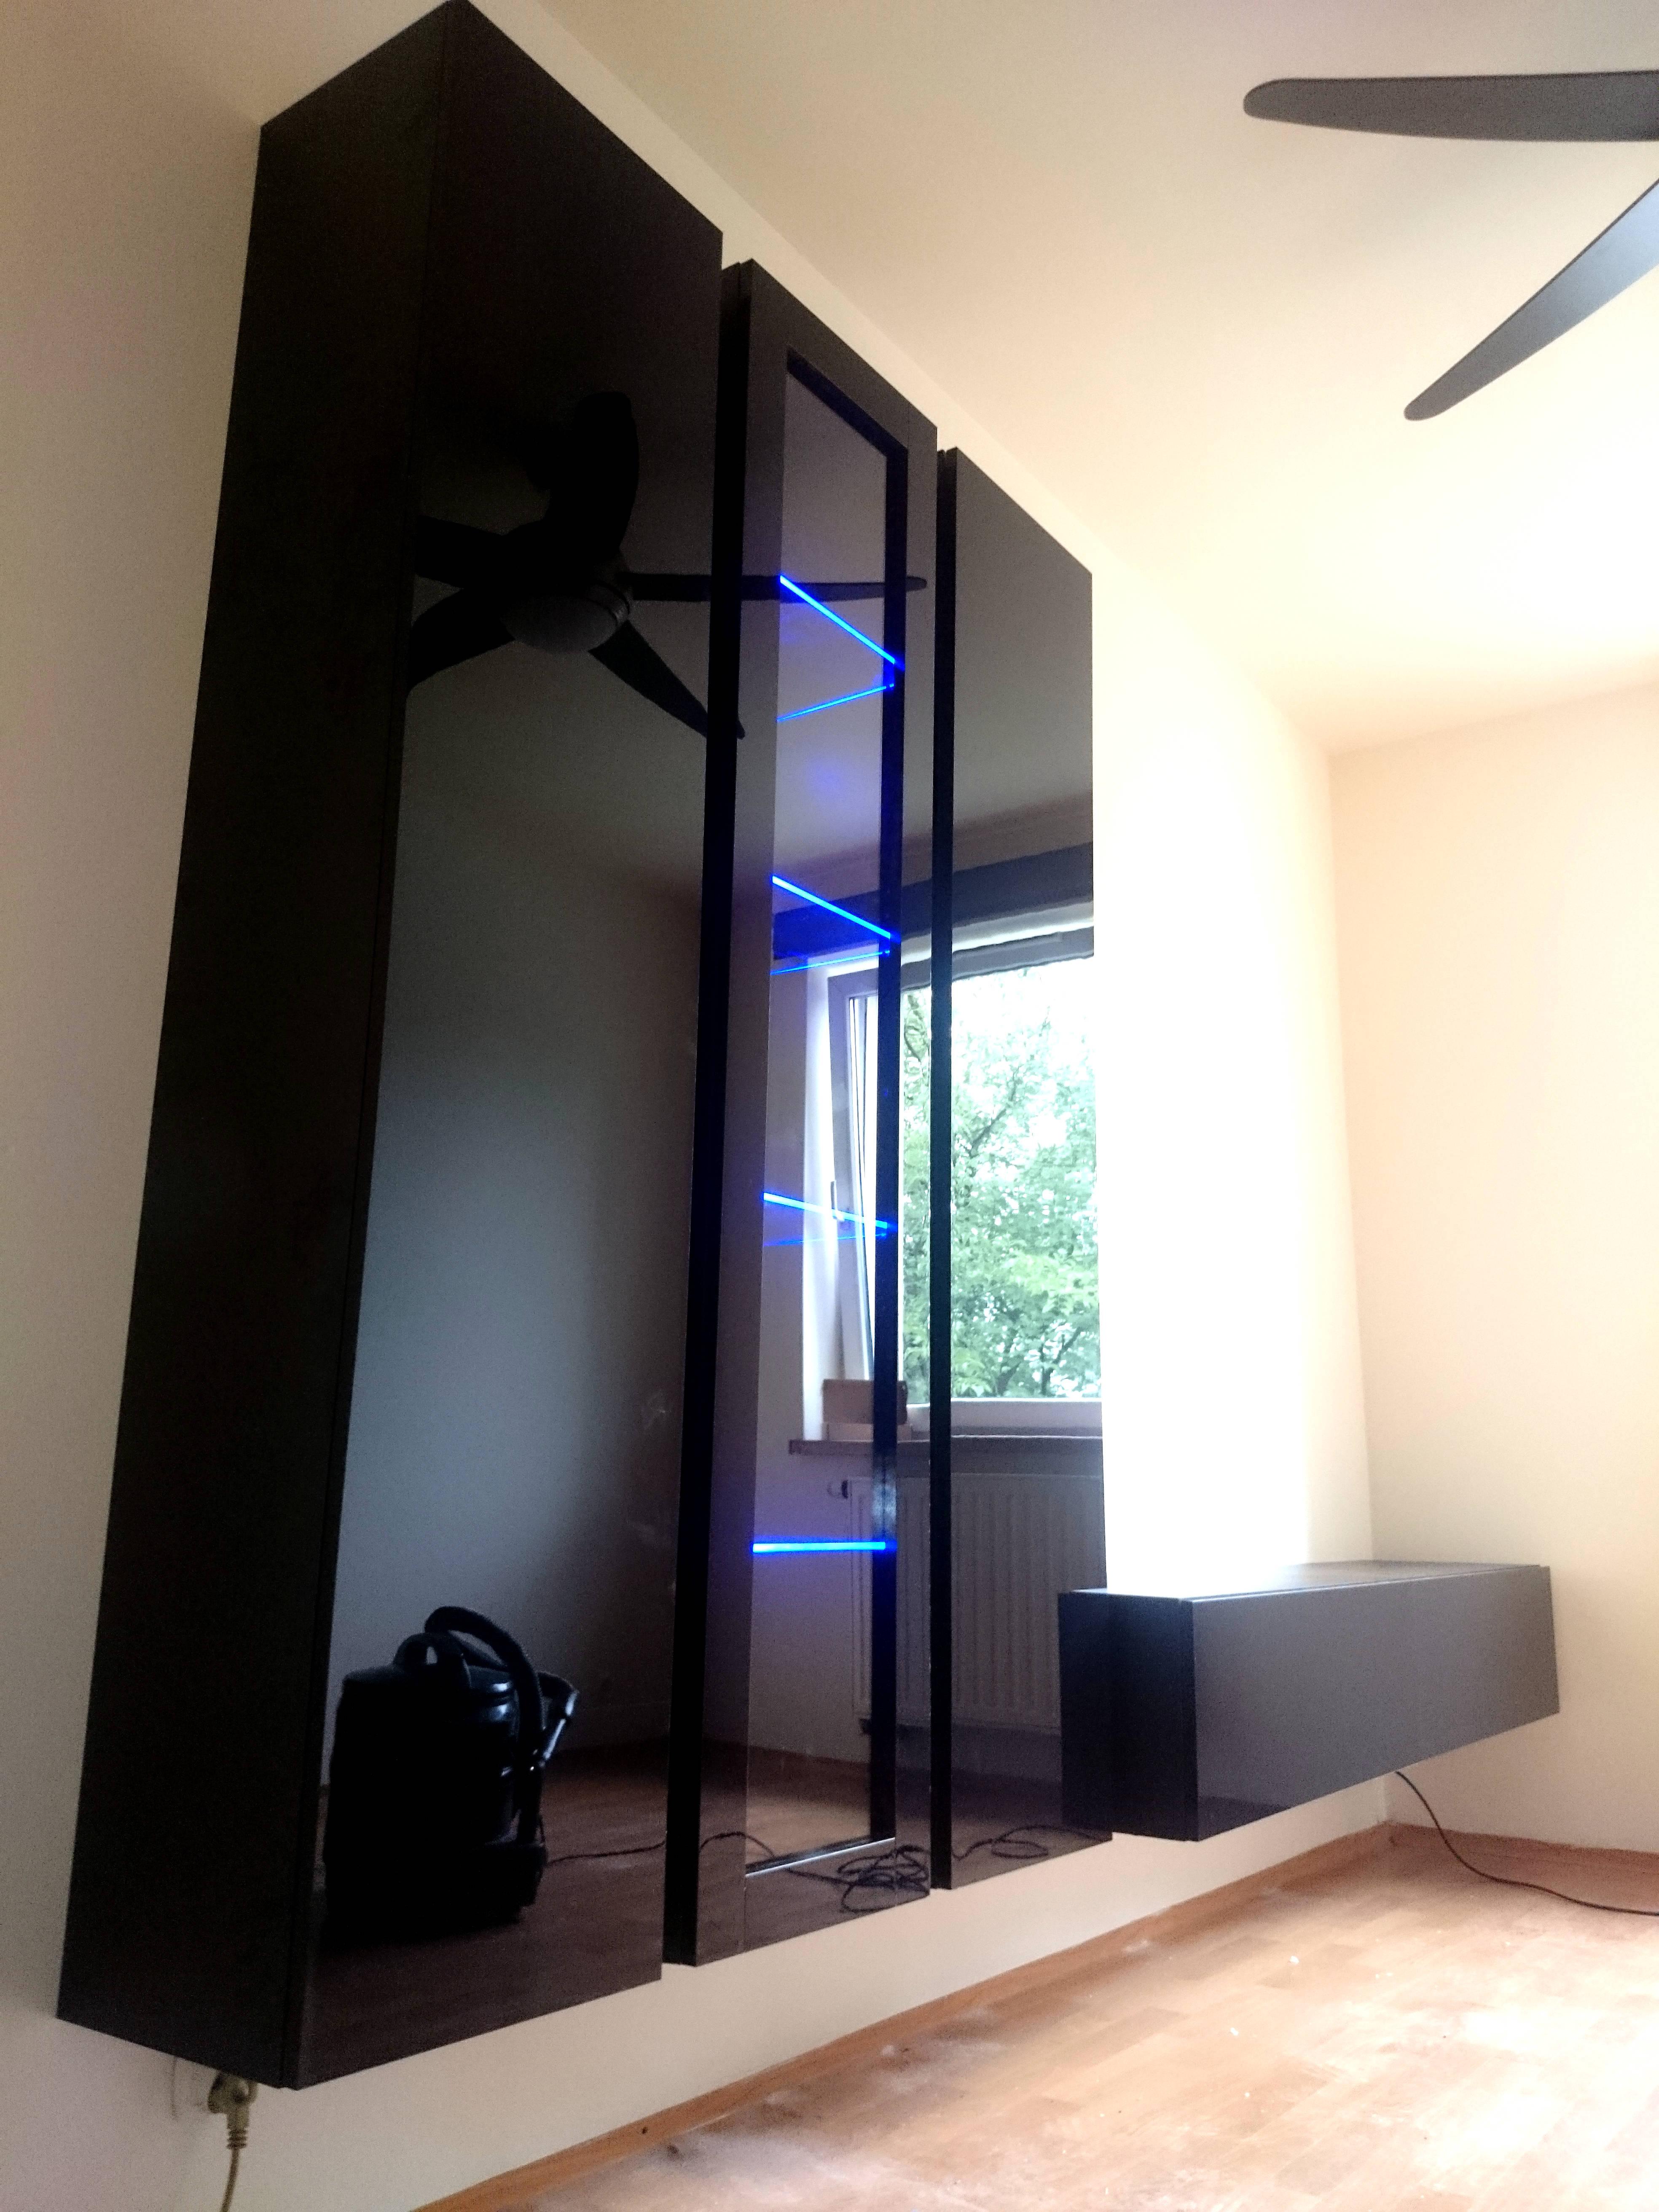 Stolik pod telewizor mocowany do ściany (wiszący)